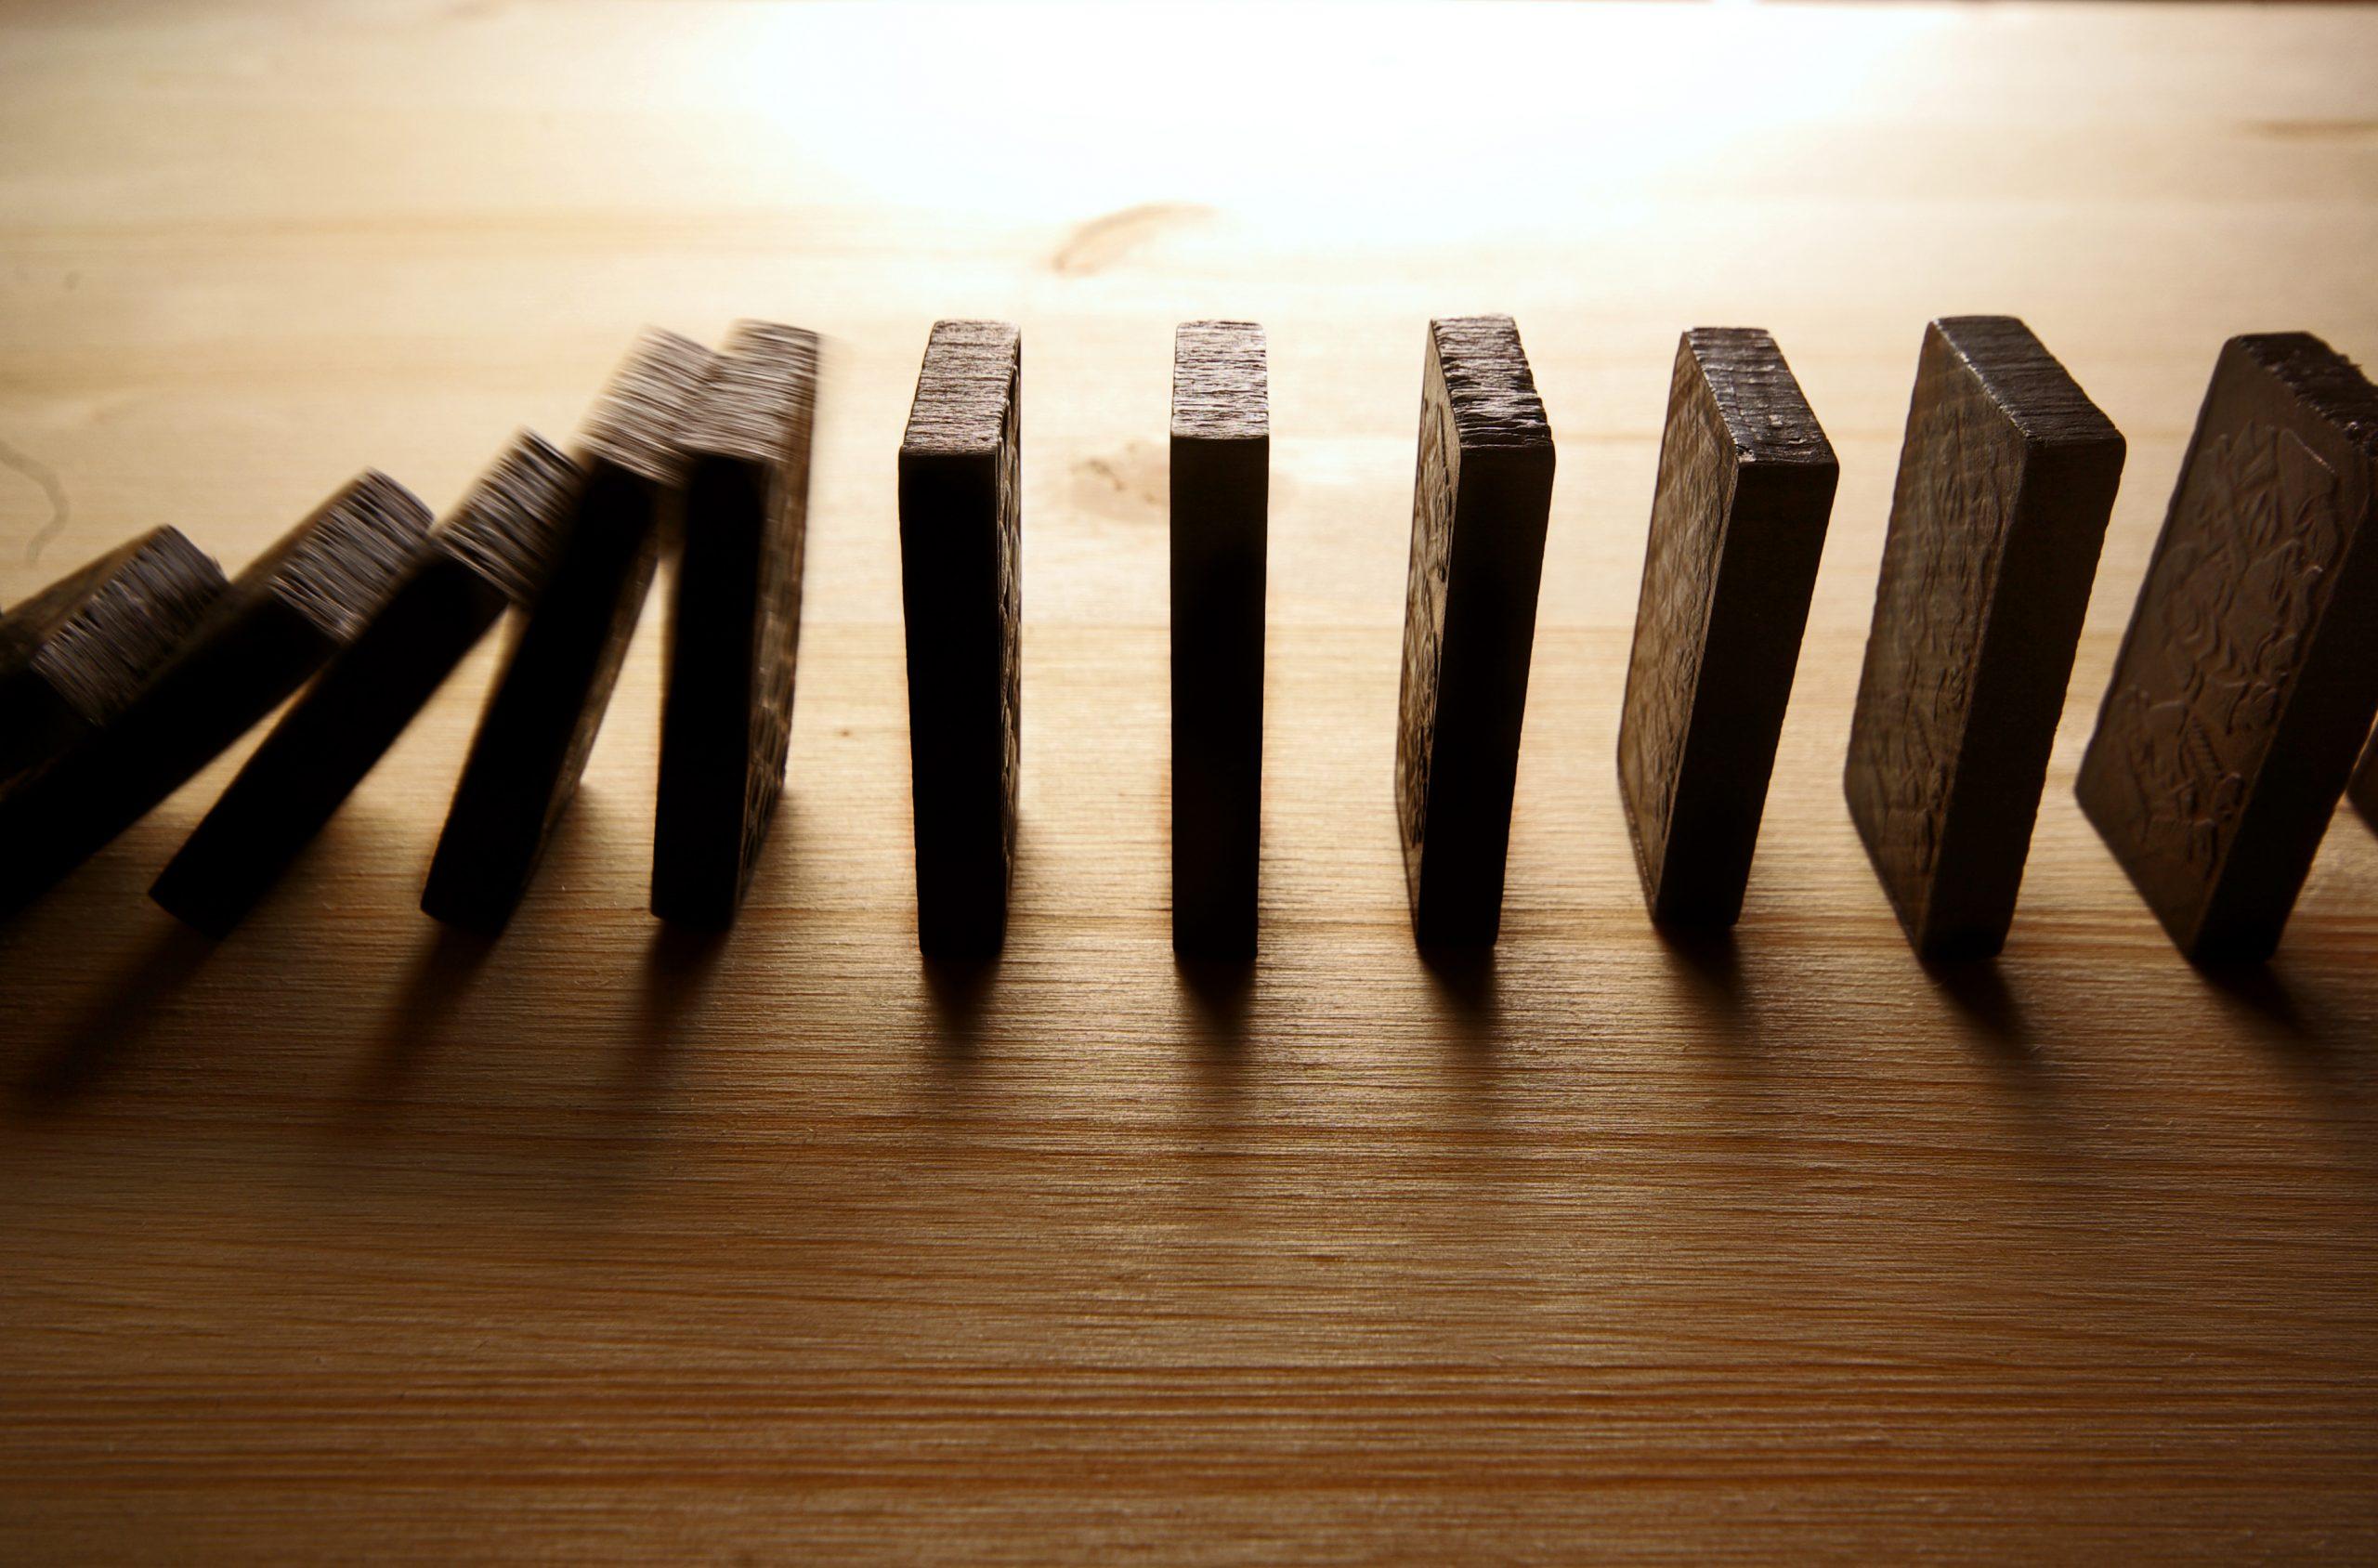 Gestão de crise em escolas: como enfrentar momentos difíceis